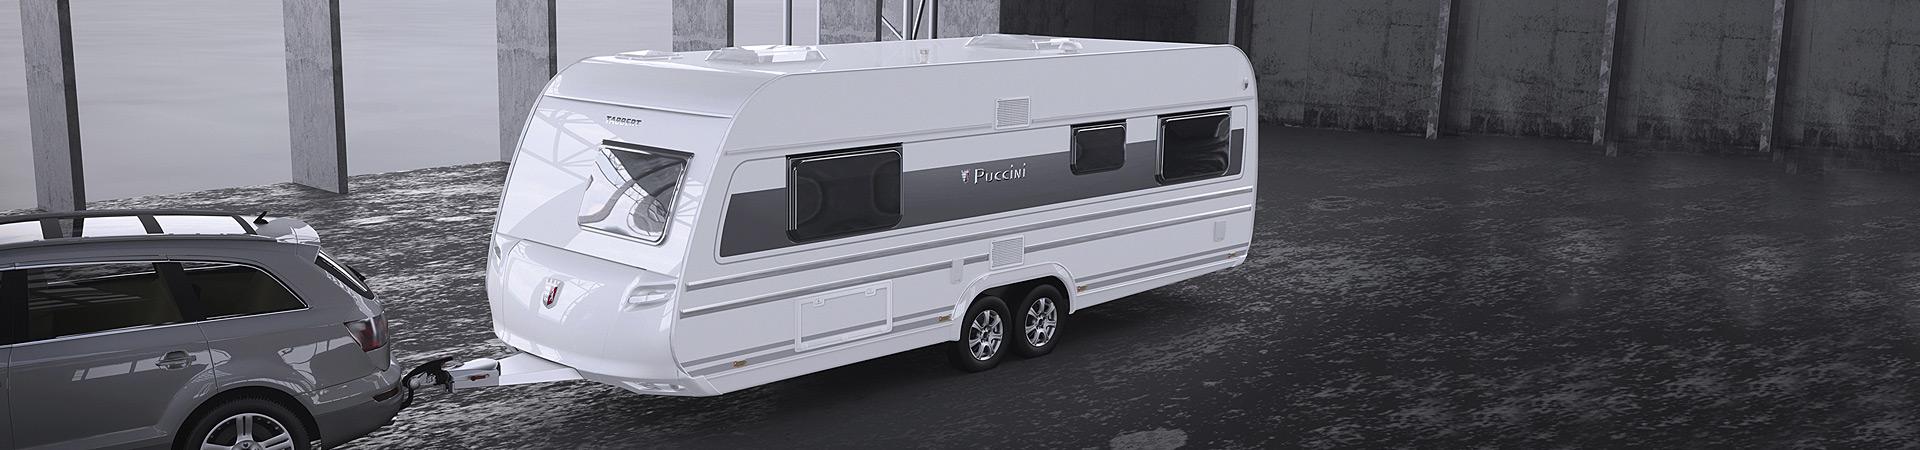 wohnwagen von tabbert g nstig kaufen beim fachh ndler. Black Bedroom Furniture Sets. Home Design Ideas